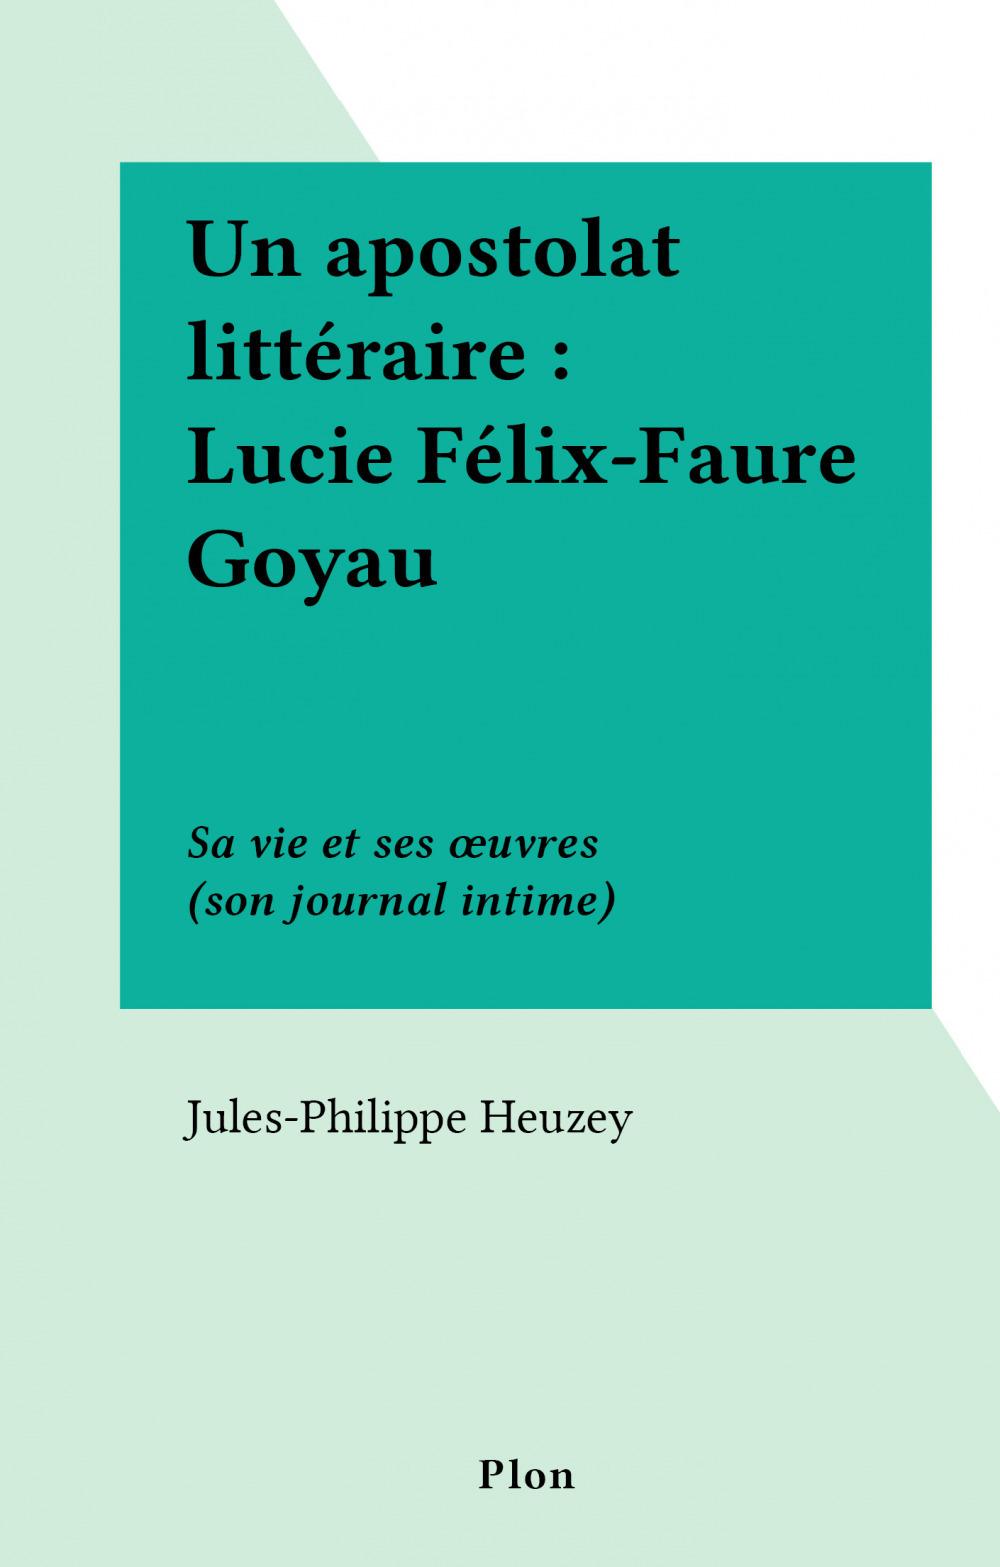 Un apostolat littéraire : Lucie Félix-Faure Goyau  - Jules-Philippe Heuzey